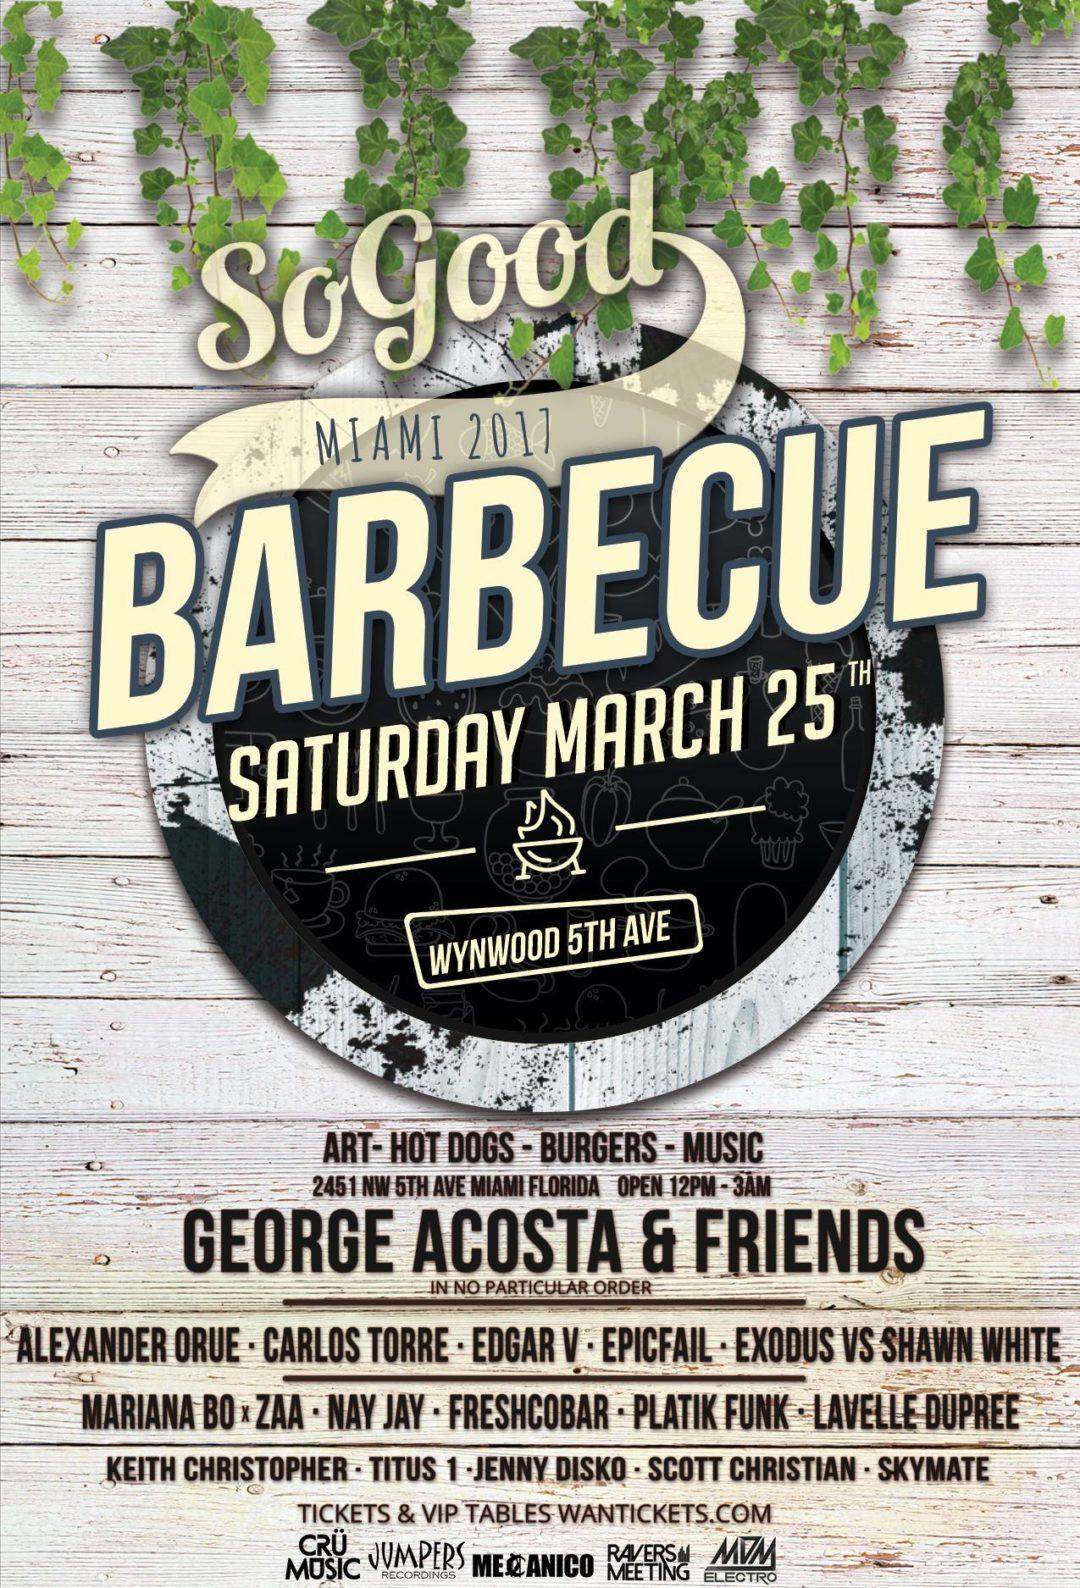 Sogood Miami Music Week 2017 Barbecue @ Wynwood 5th Avenue